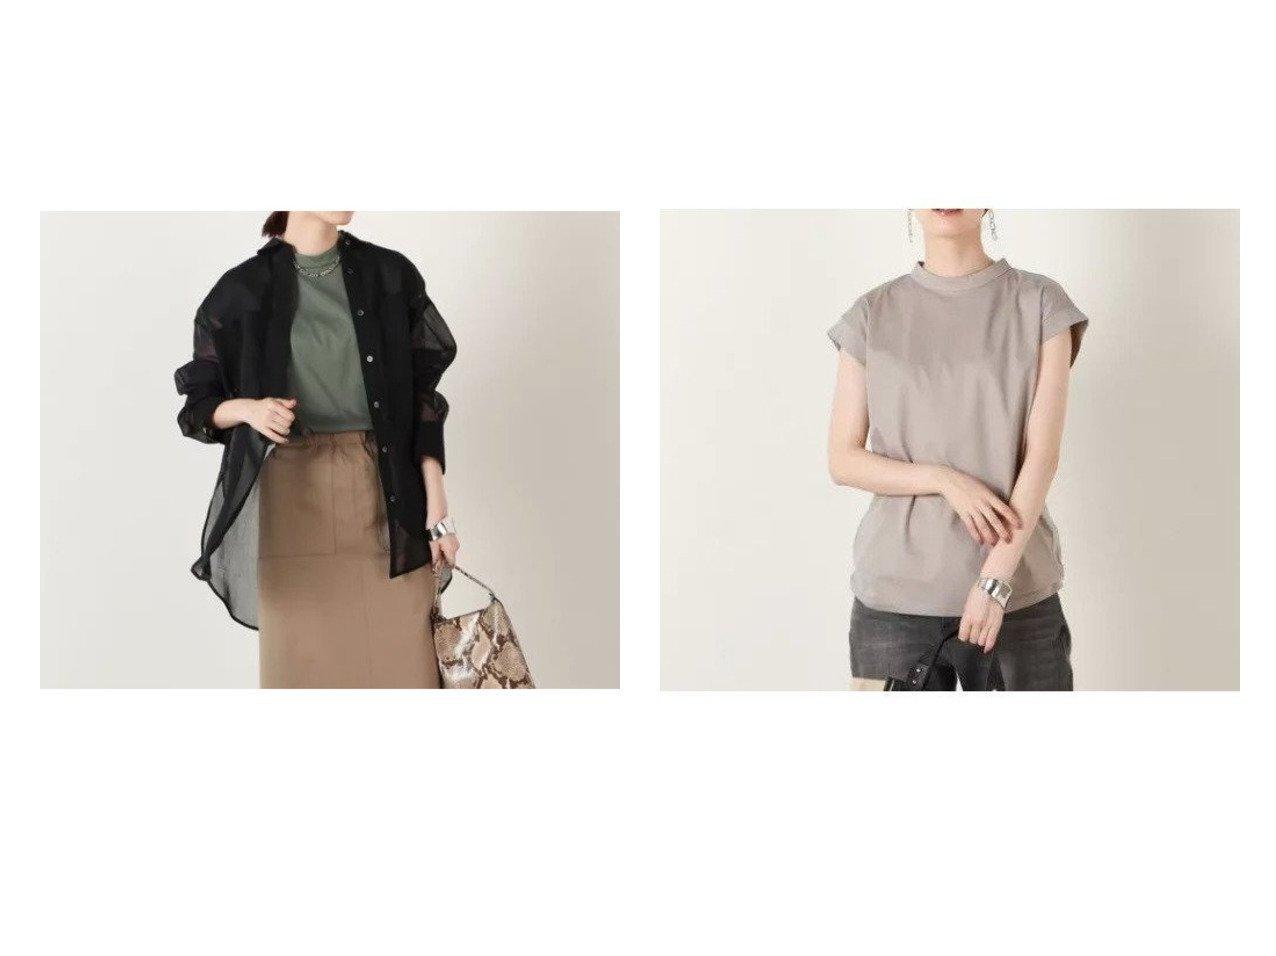 【NOLLEY'S sophi/ノーリーズソフィー】のオーガンジーシャツ&ハイネックプルオーバーカットソー 【トップス・カットソー】おすすめ!人気、トレンド・レディースファッションの通販 おすすめで人気の流行・トレンド、ファッションの通販商品 インテリア・家具・メンズファッション・キッズファッション・レディースファッション・服の通販 founy(ファニー) https://founy.com/ ファッション Fashion レディースファッション WOMEN トップス・カットソー Tops/Tshirt シャツ/ブラウス Shirts/Blouses ロング / Tシャツ T-Shirts プルオーバー Pullover カットソー Cut and Sewn 2021年 2021 2021-2022秋冬・A/W AW・Autumn/Winter・FW・Fall-Winter・2021-2022 A/W・秋冬 AW・Autumn/Winter・FW・Fall-Winter オーガンジー ロング 春 Spring 秋 Autumn/Fall インナー カットソー シンプル ジャケット 半袖 |ID:crp329100000062709